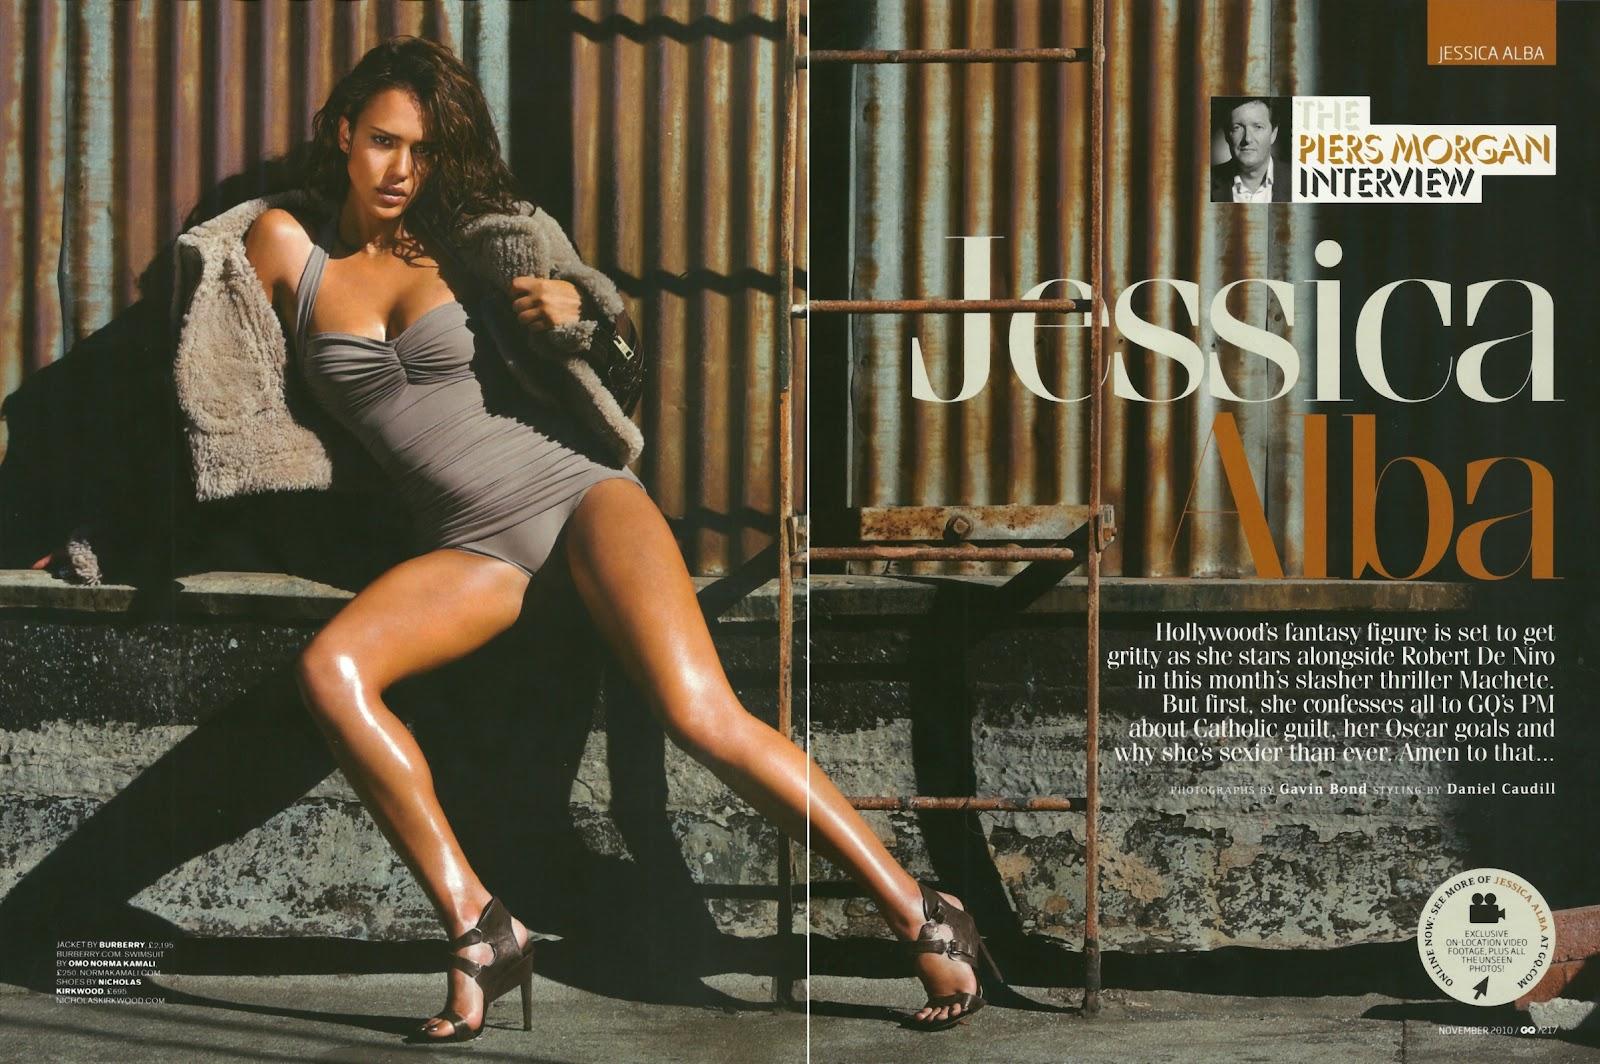 http://2.bp.blogspot.com/-jlJU_ste2xI/T-jQno7ub7I/AAAAAAAAF5Y/fstX9a85r5c/s1600/Jessica+Alba+GQ+UK+Magazine+November+2010+05.jpg